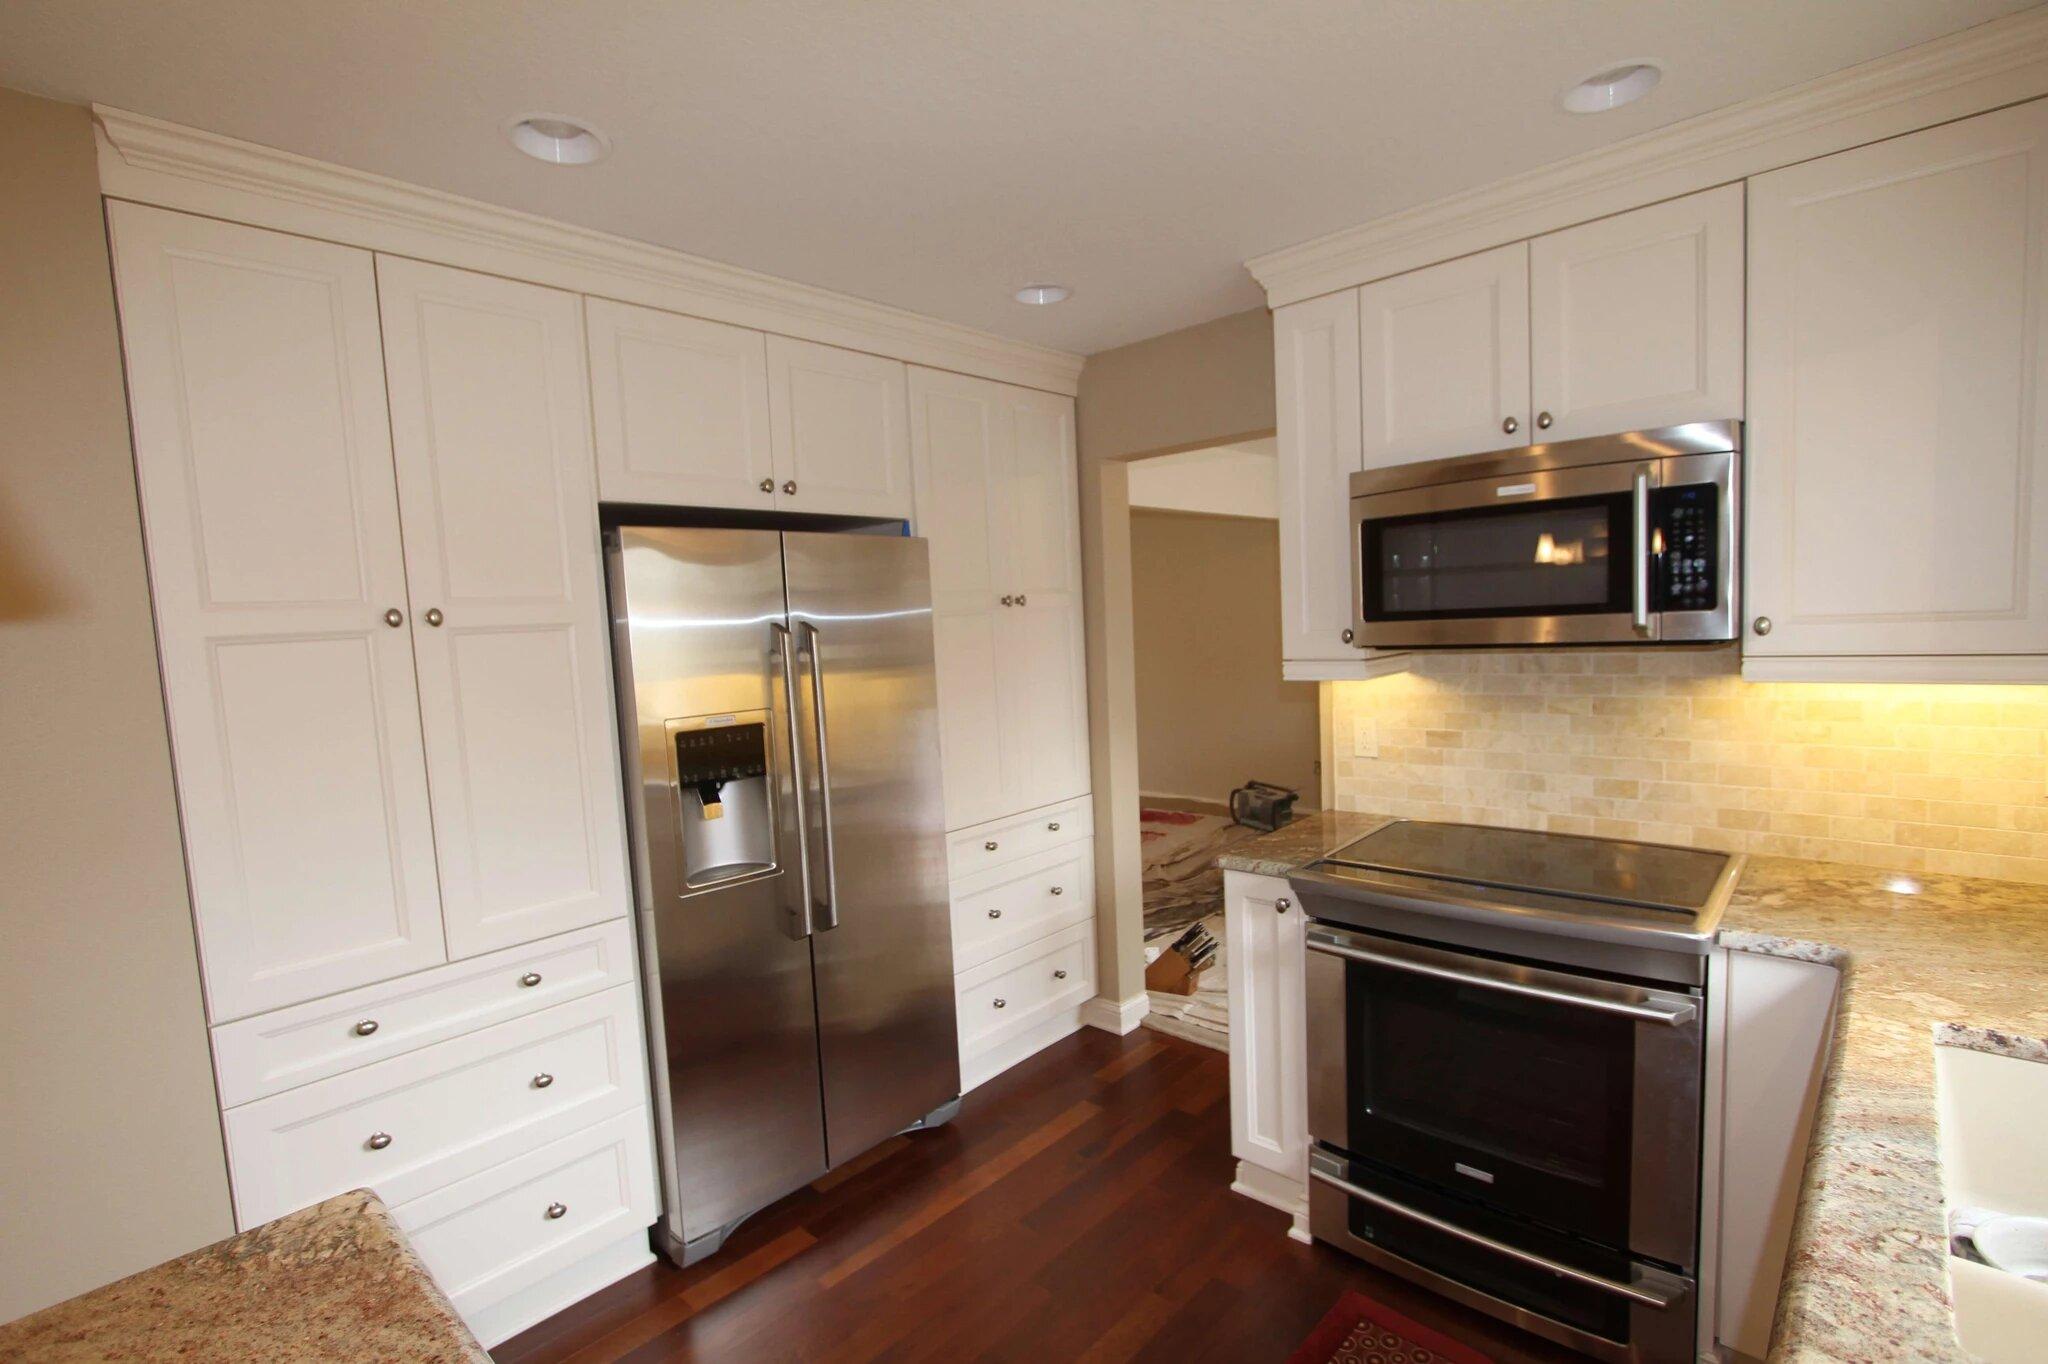 Classic white custom kitchen cabinets